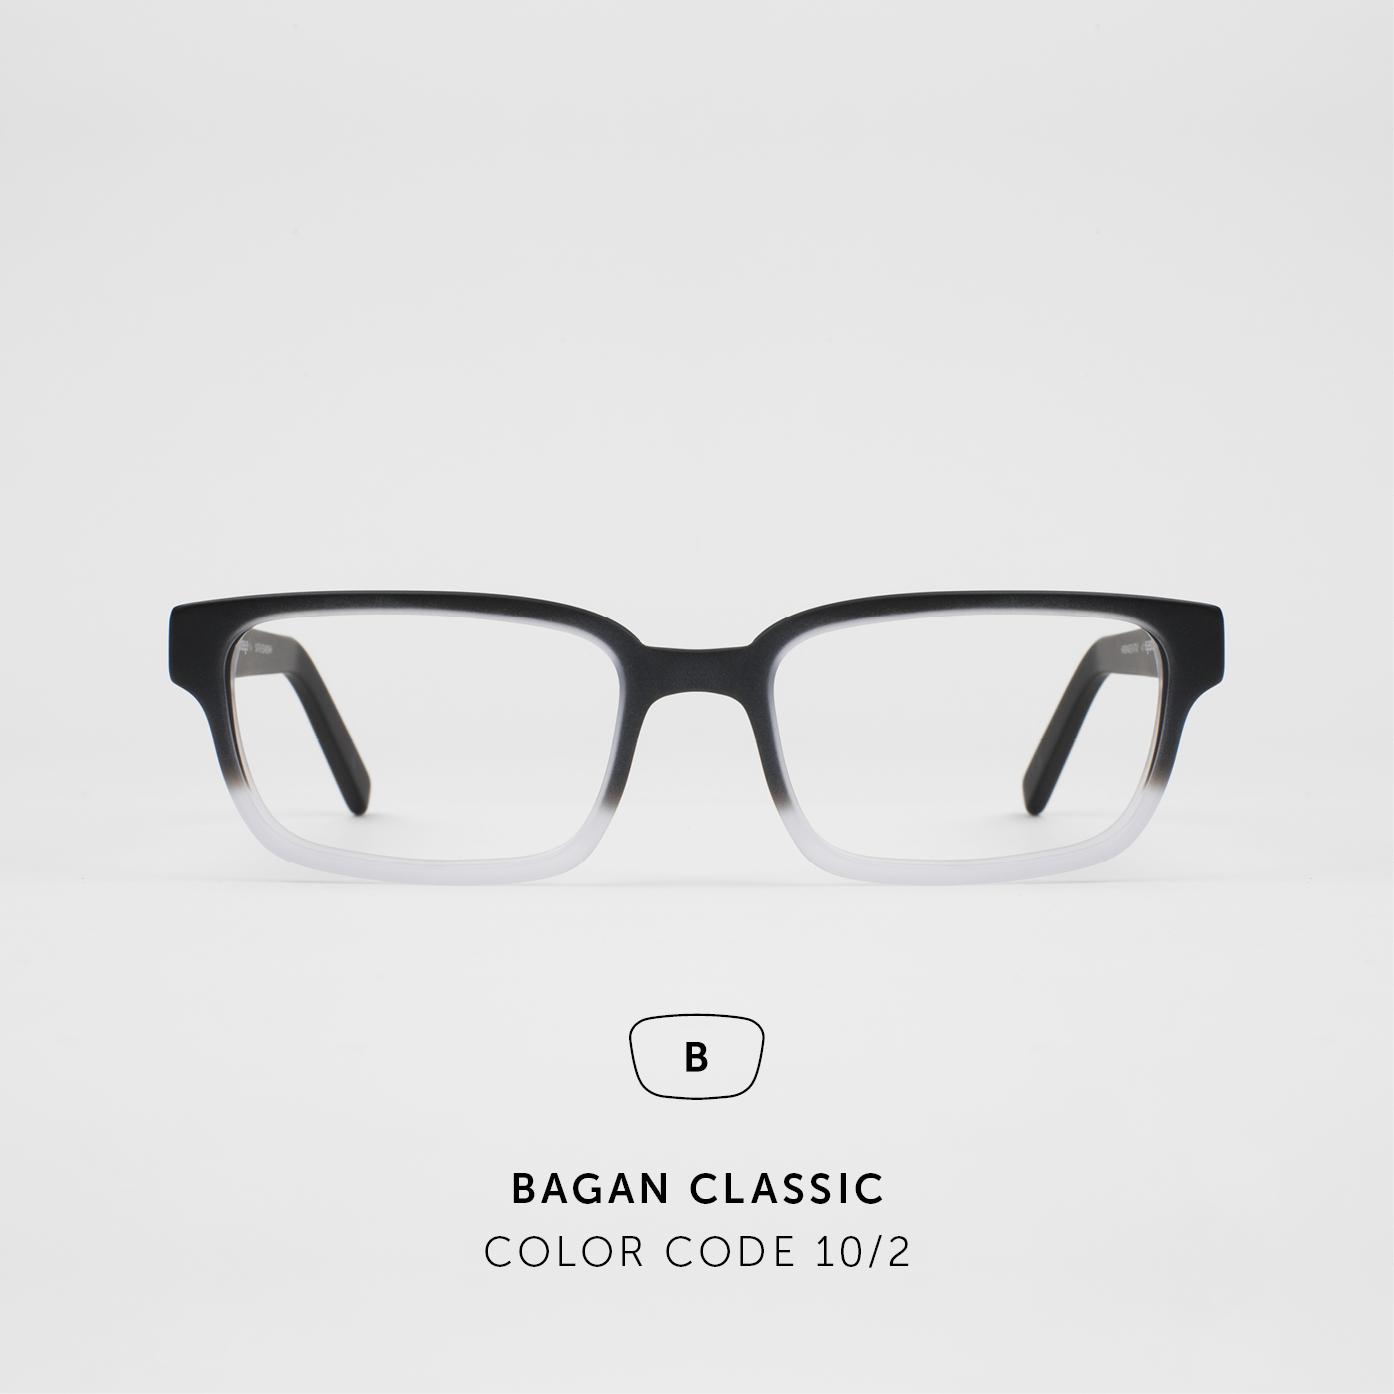 BaganClassic33.jpg